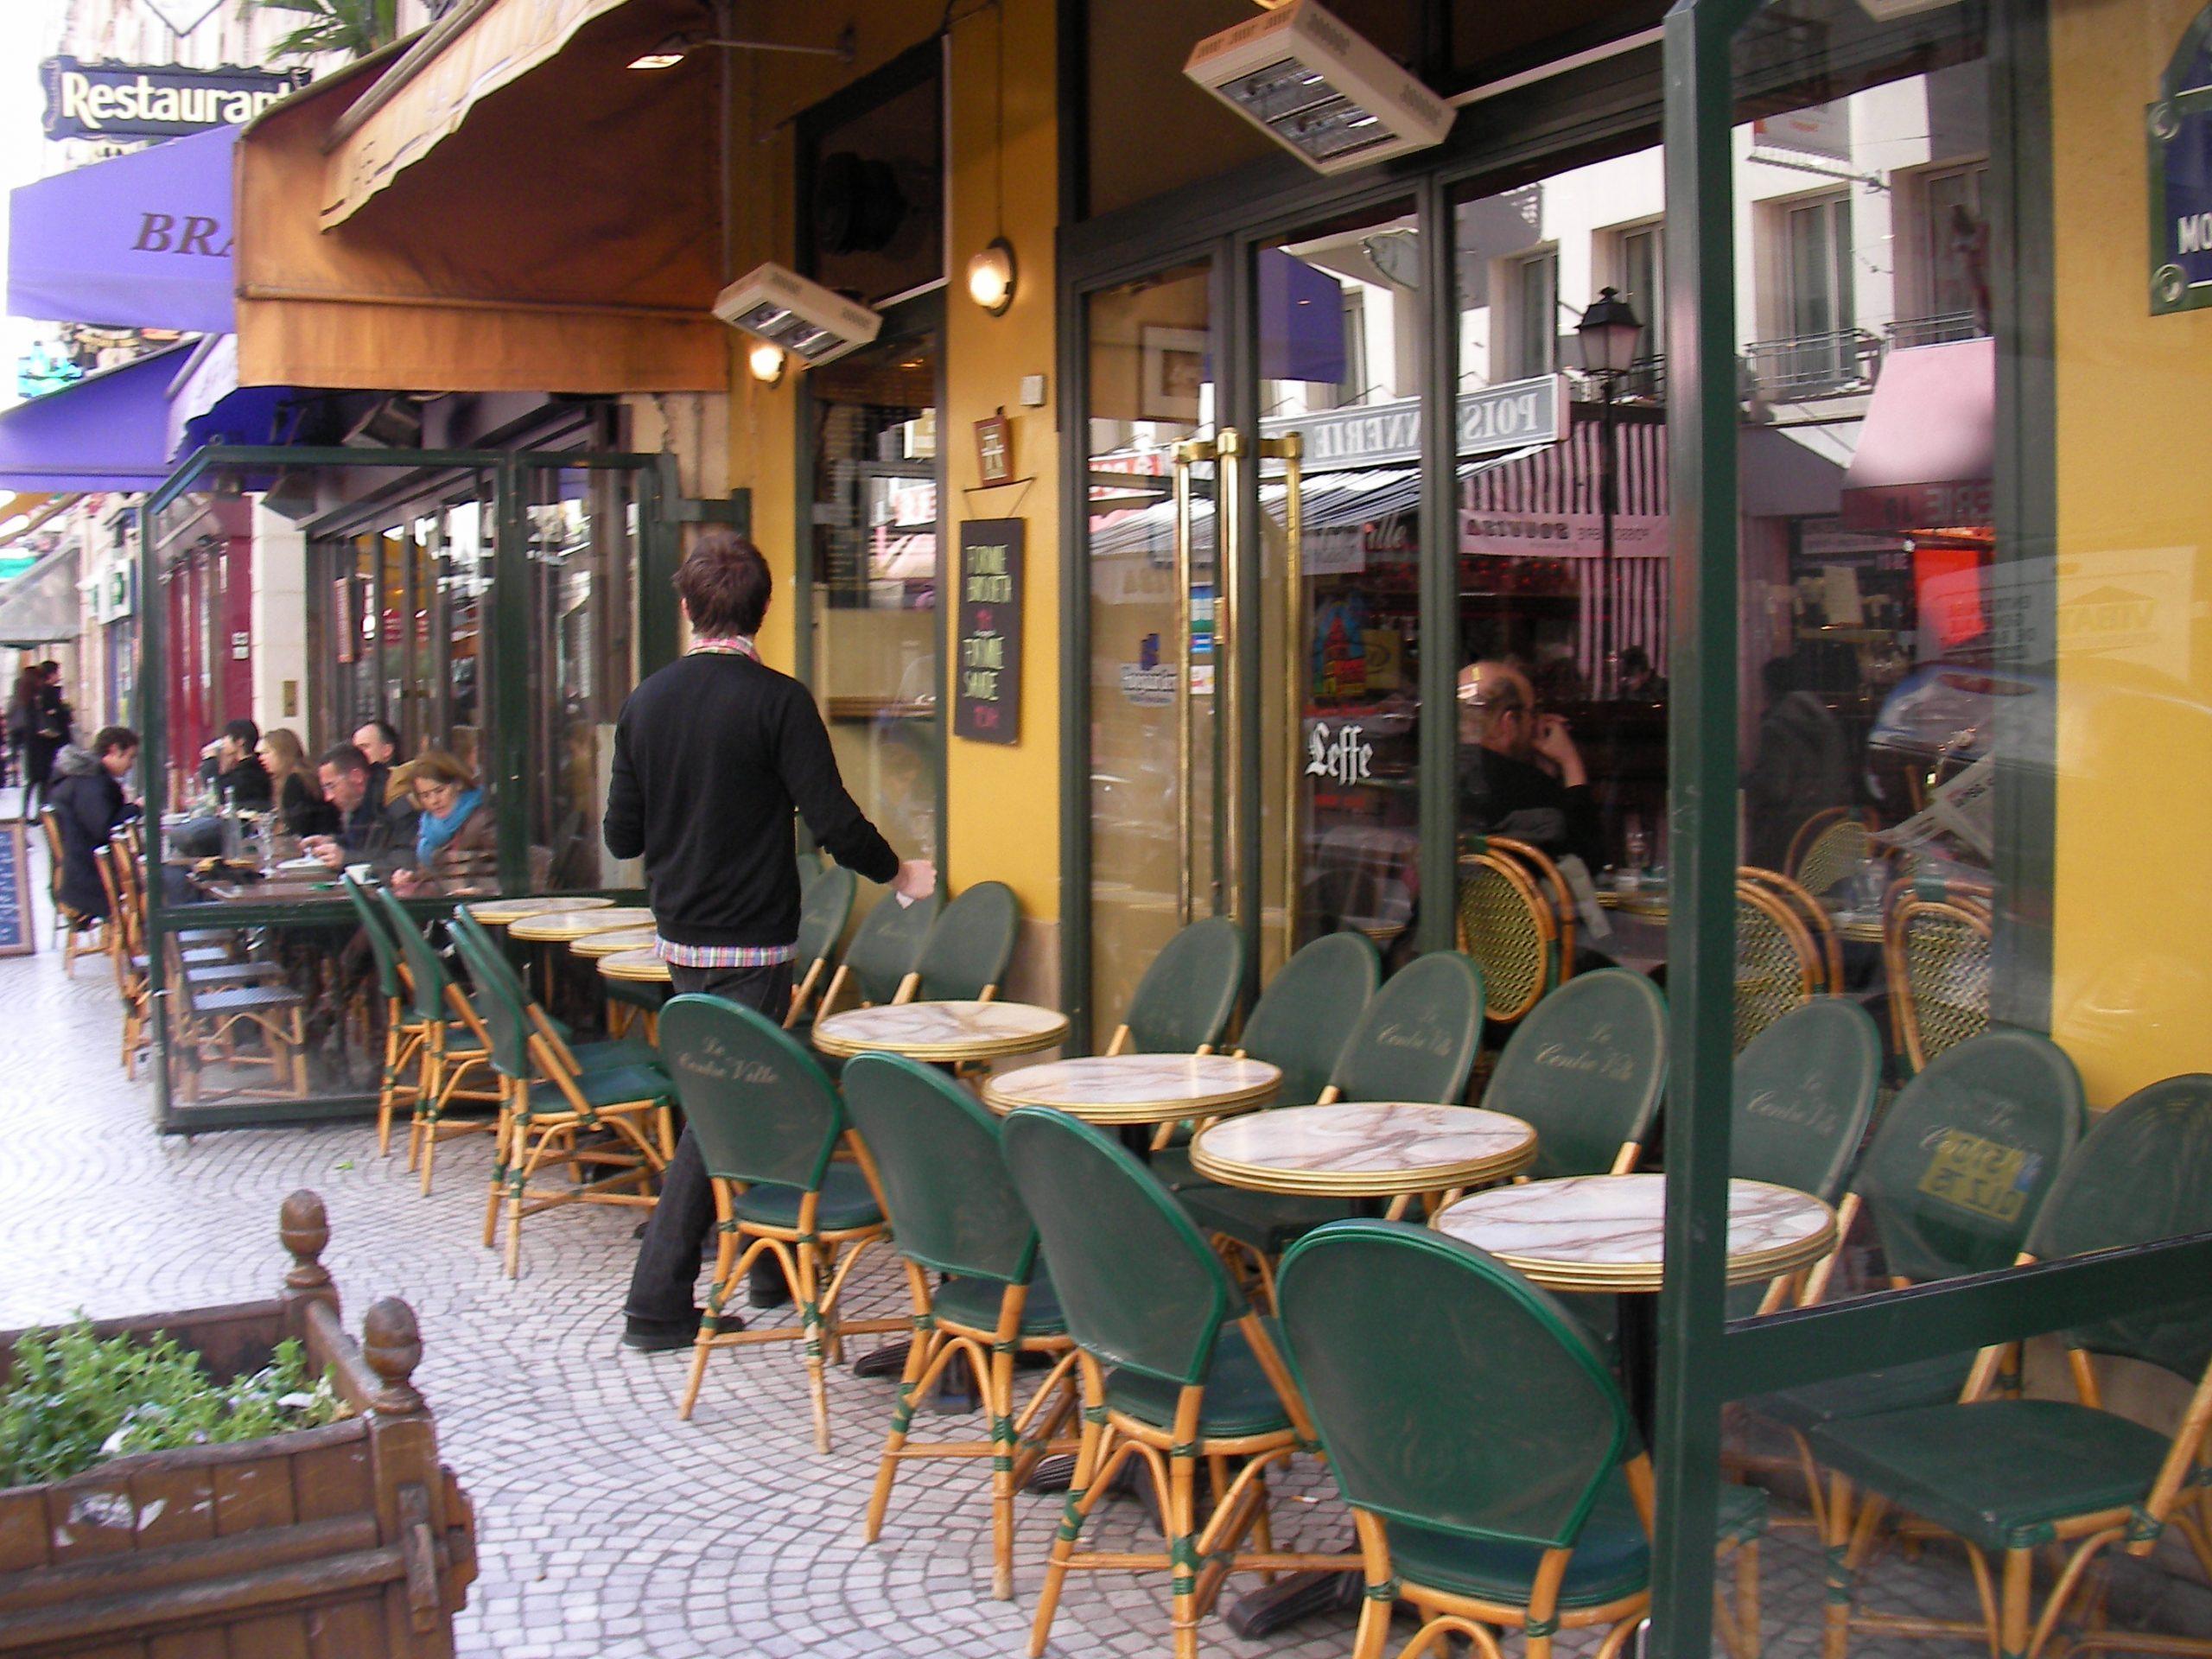 SANY0157 scaled - プレートの夕飯 フランス旅行で食事を安く